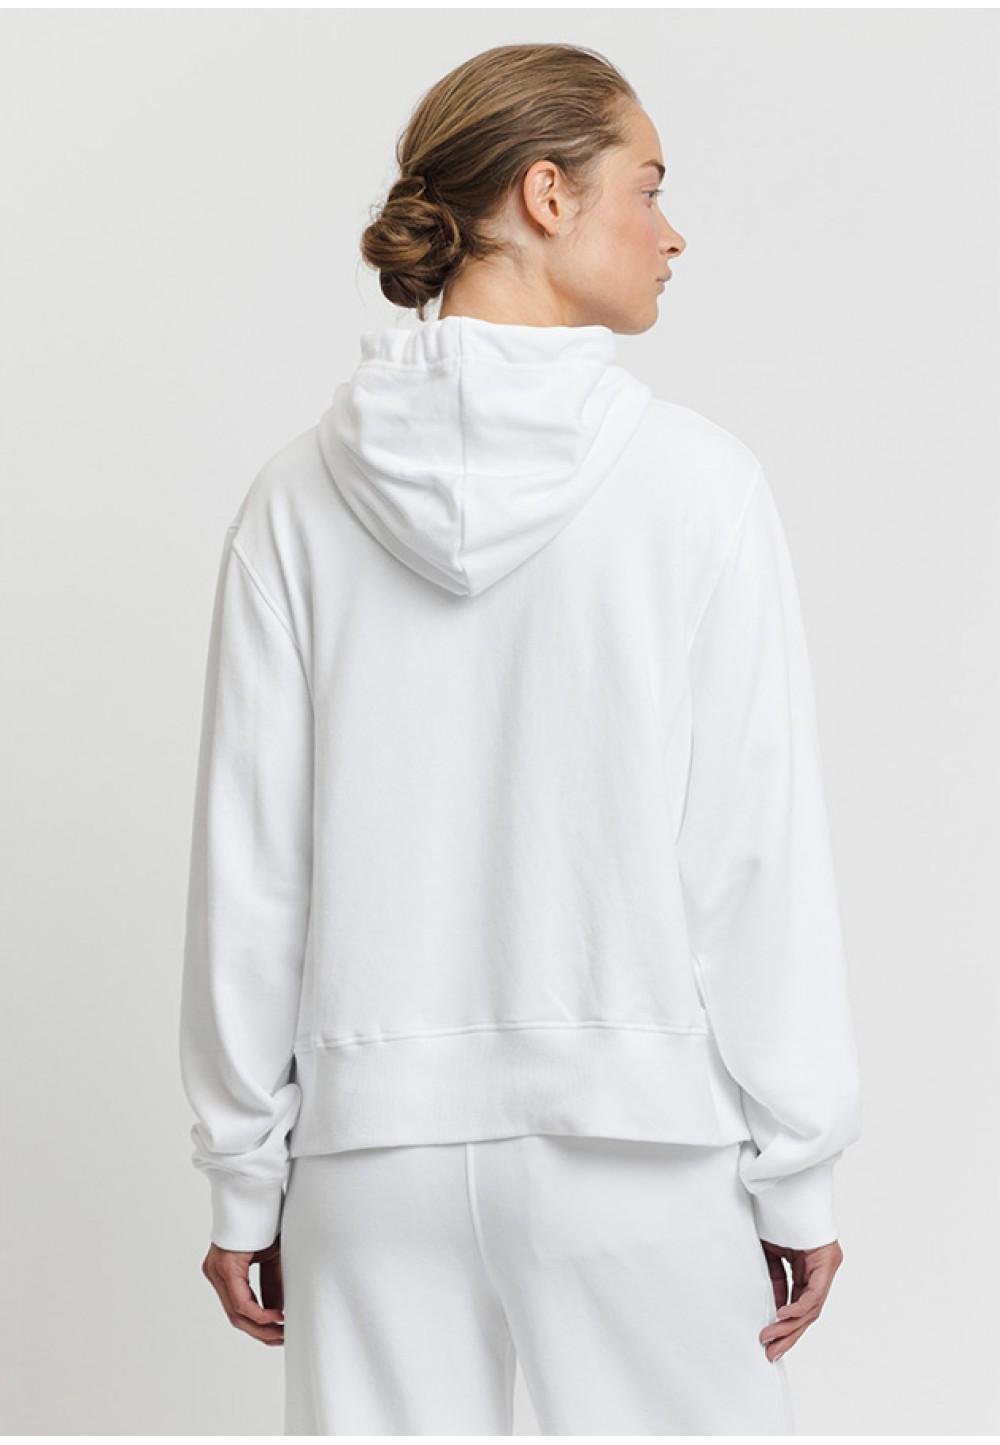 Білий худі з капюшоном на зав'язках